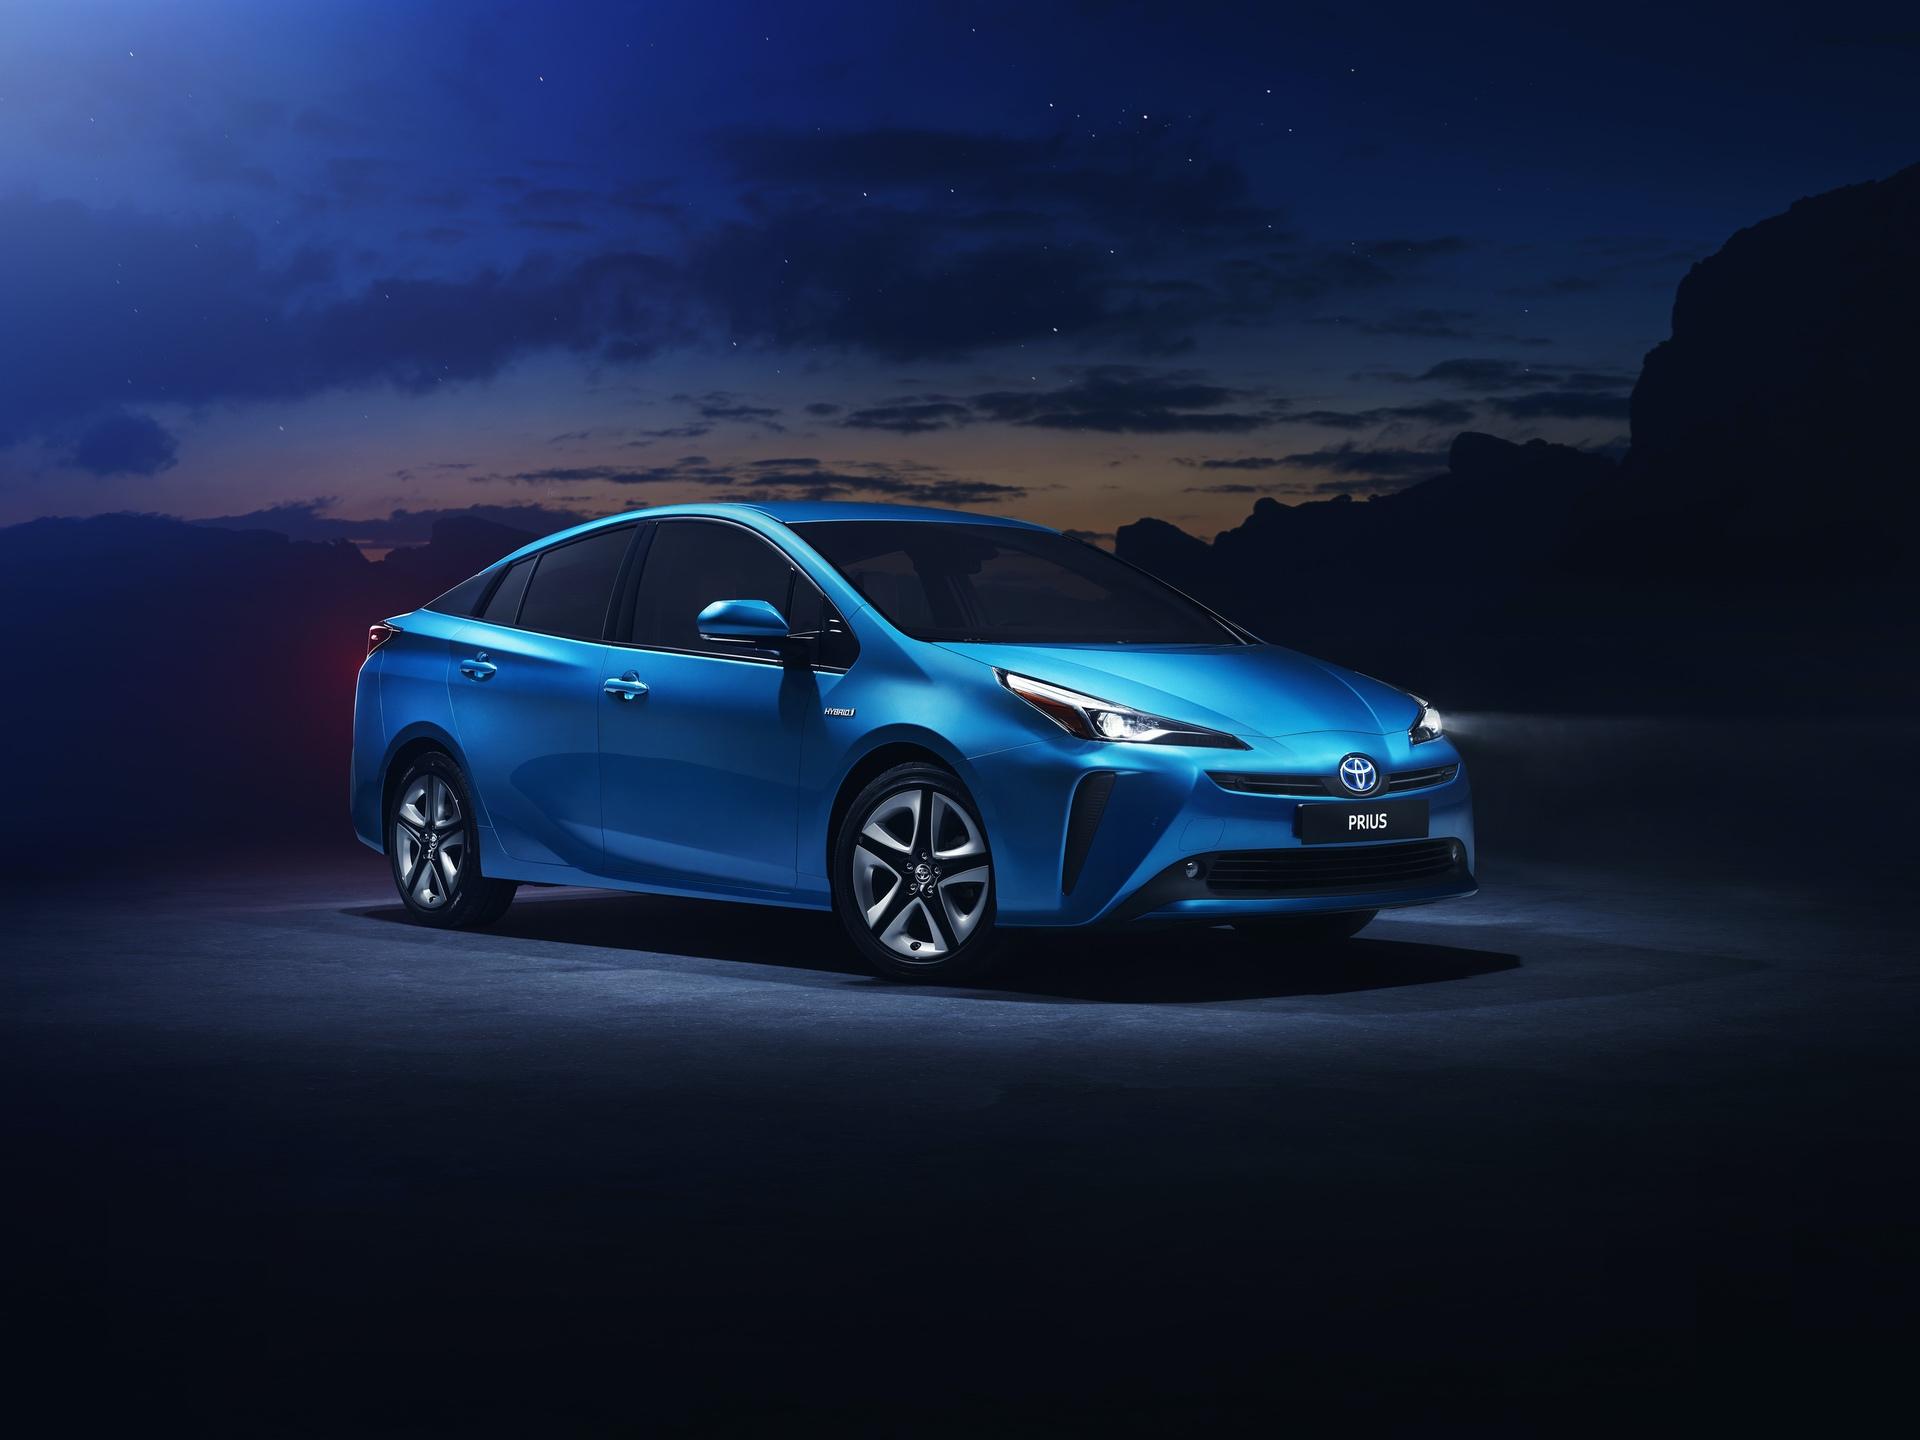 2019_Toyota_Prius_facelift_0000